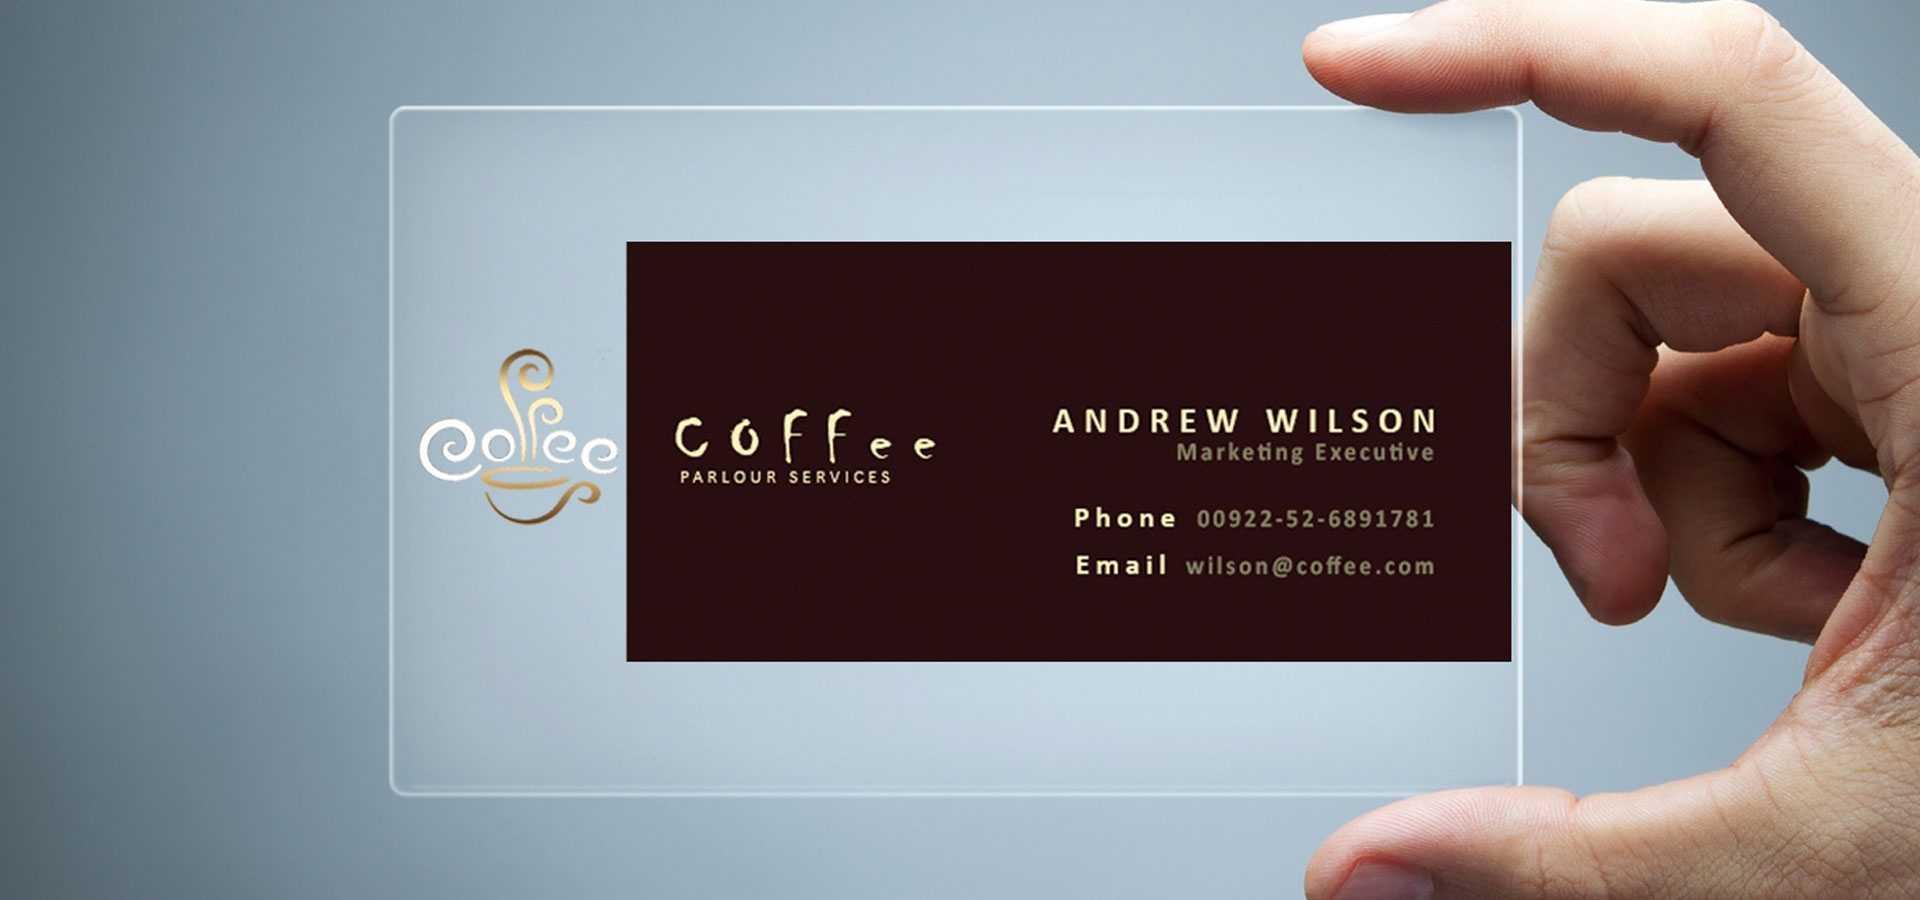 26+ Transparent Business Card Templates - Illustrator, Ms In Microsoft Office Business Card Template